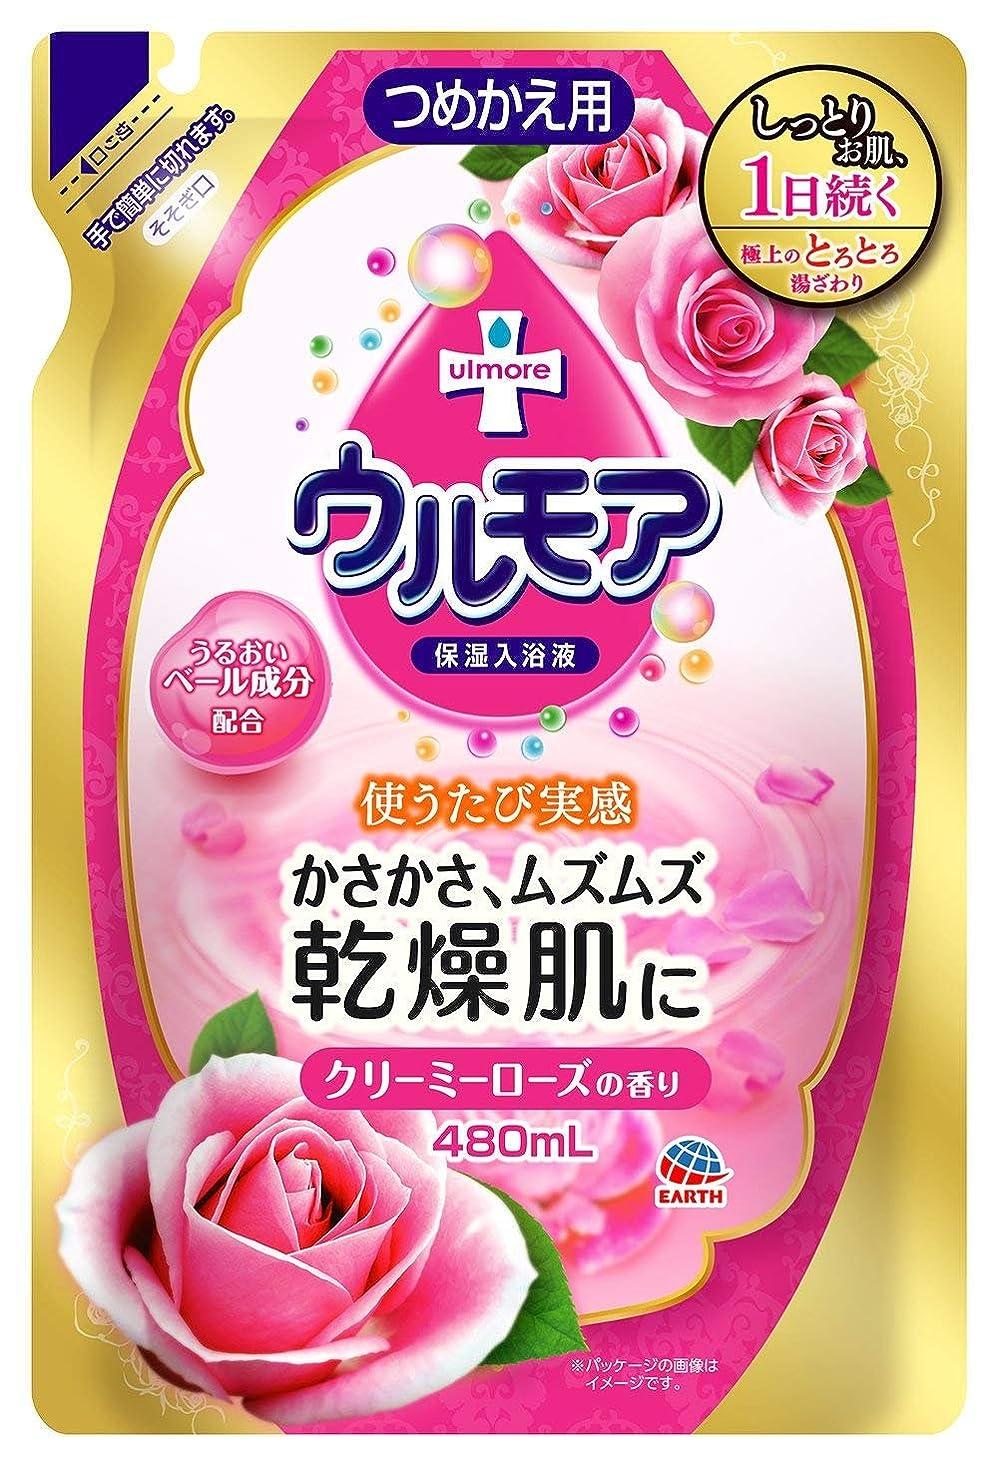 シルク音楽を聴く便利さ【アース製薬】保湿入浴液ウルモアクリーミーローズの香り 詰替え用 480ml ×5個セット